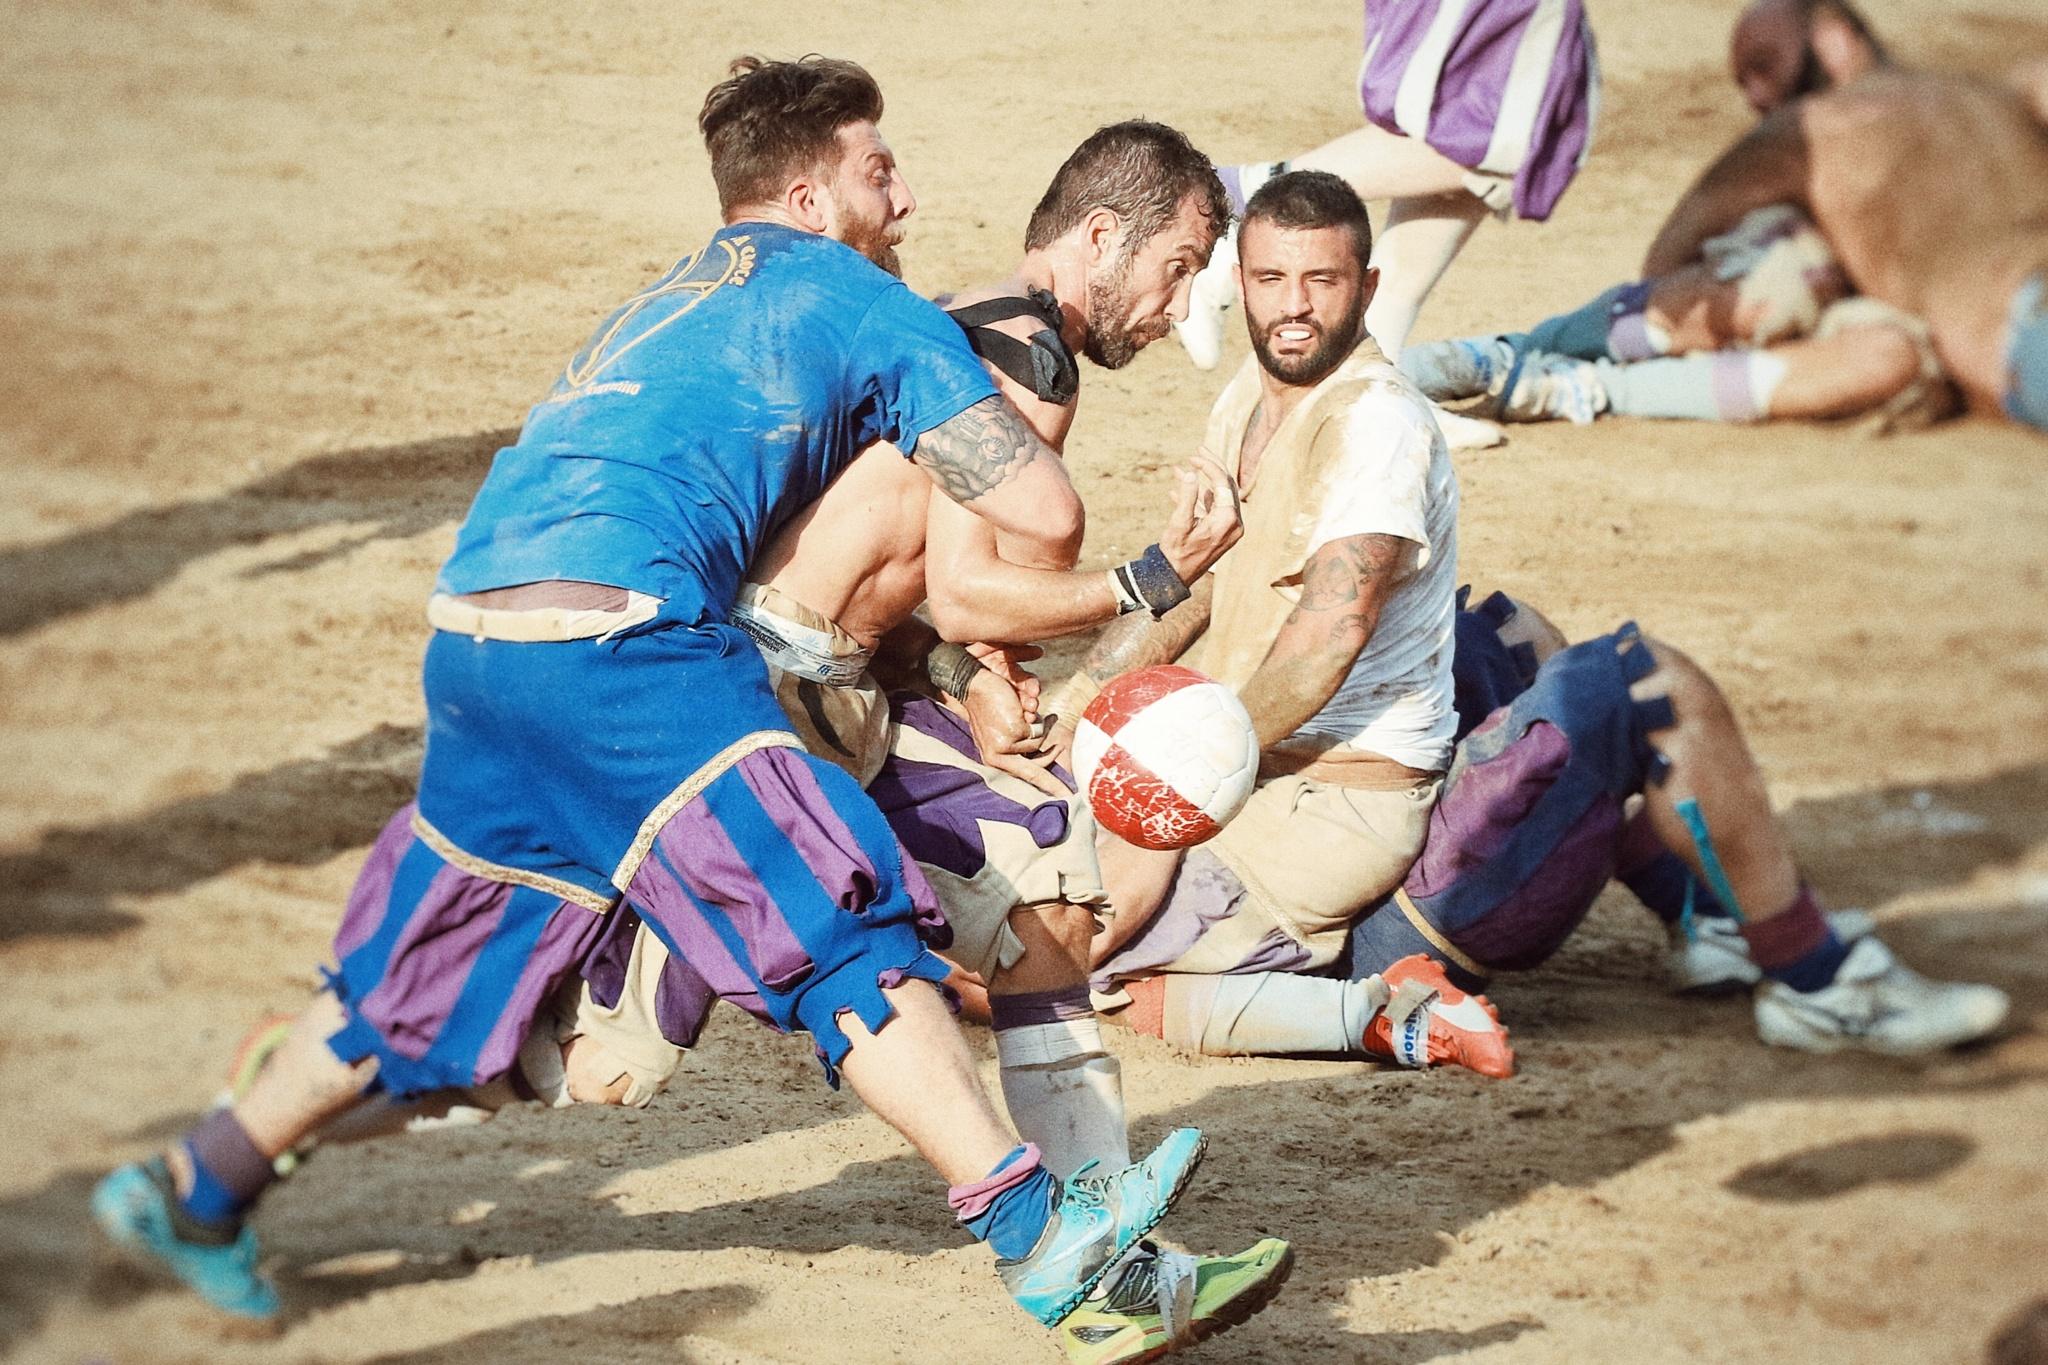 Calcio storico fiorentino finale bianchi vs azzurri by Giusi